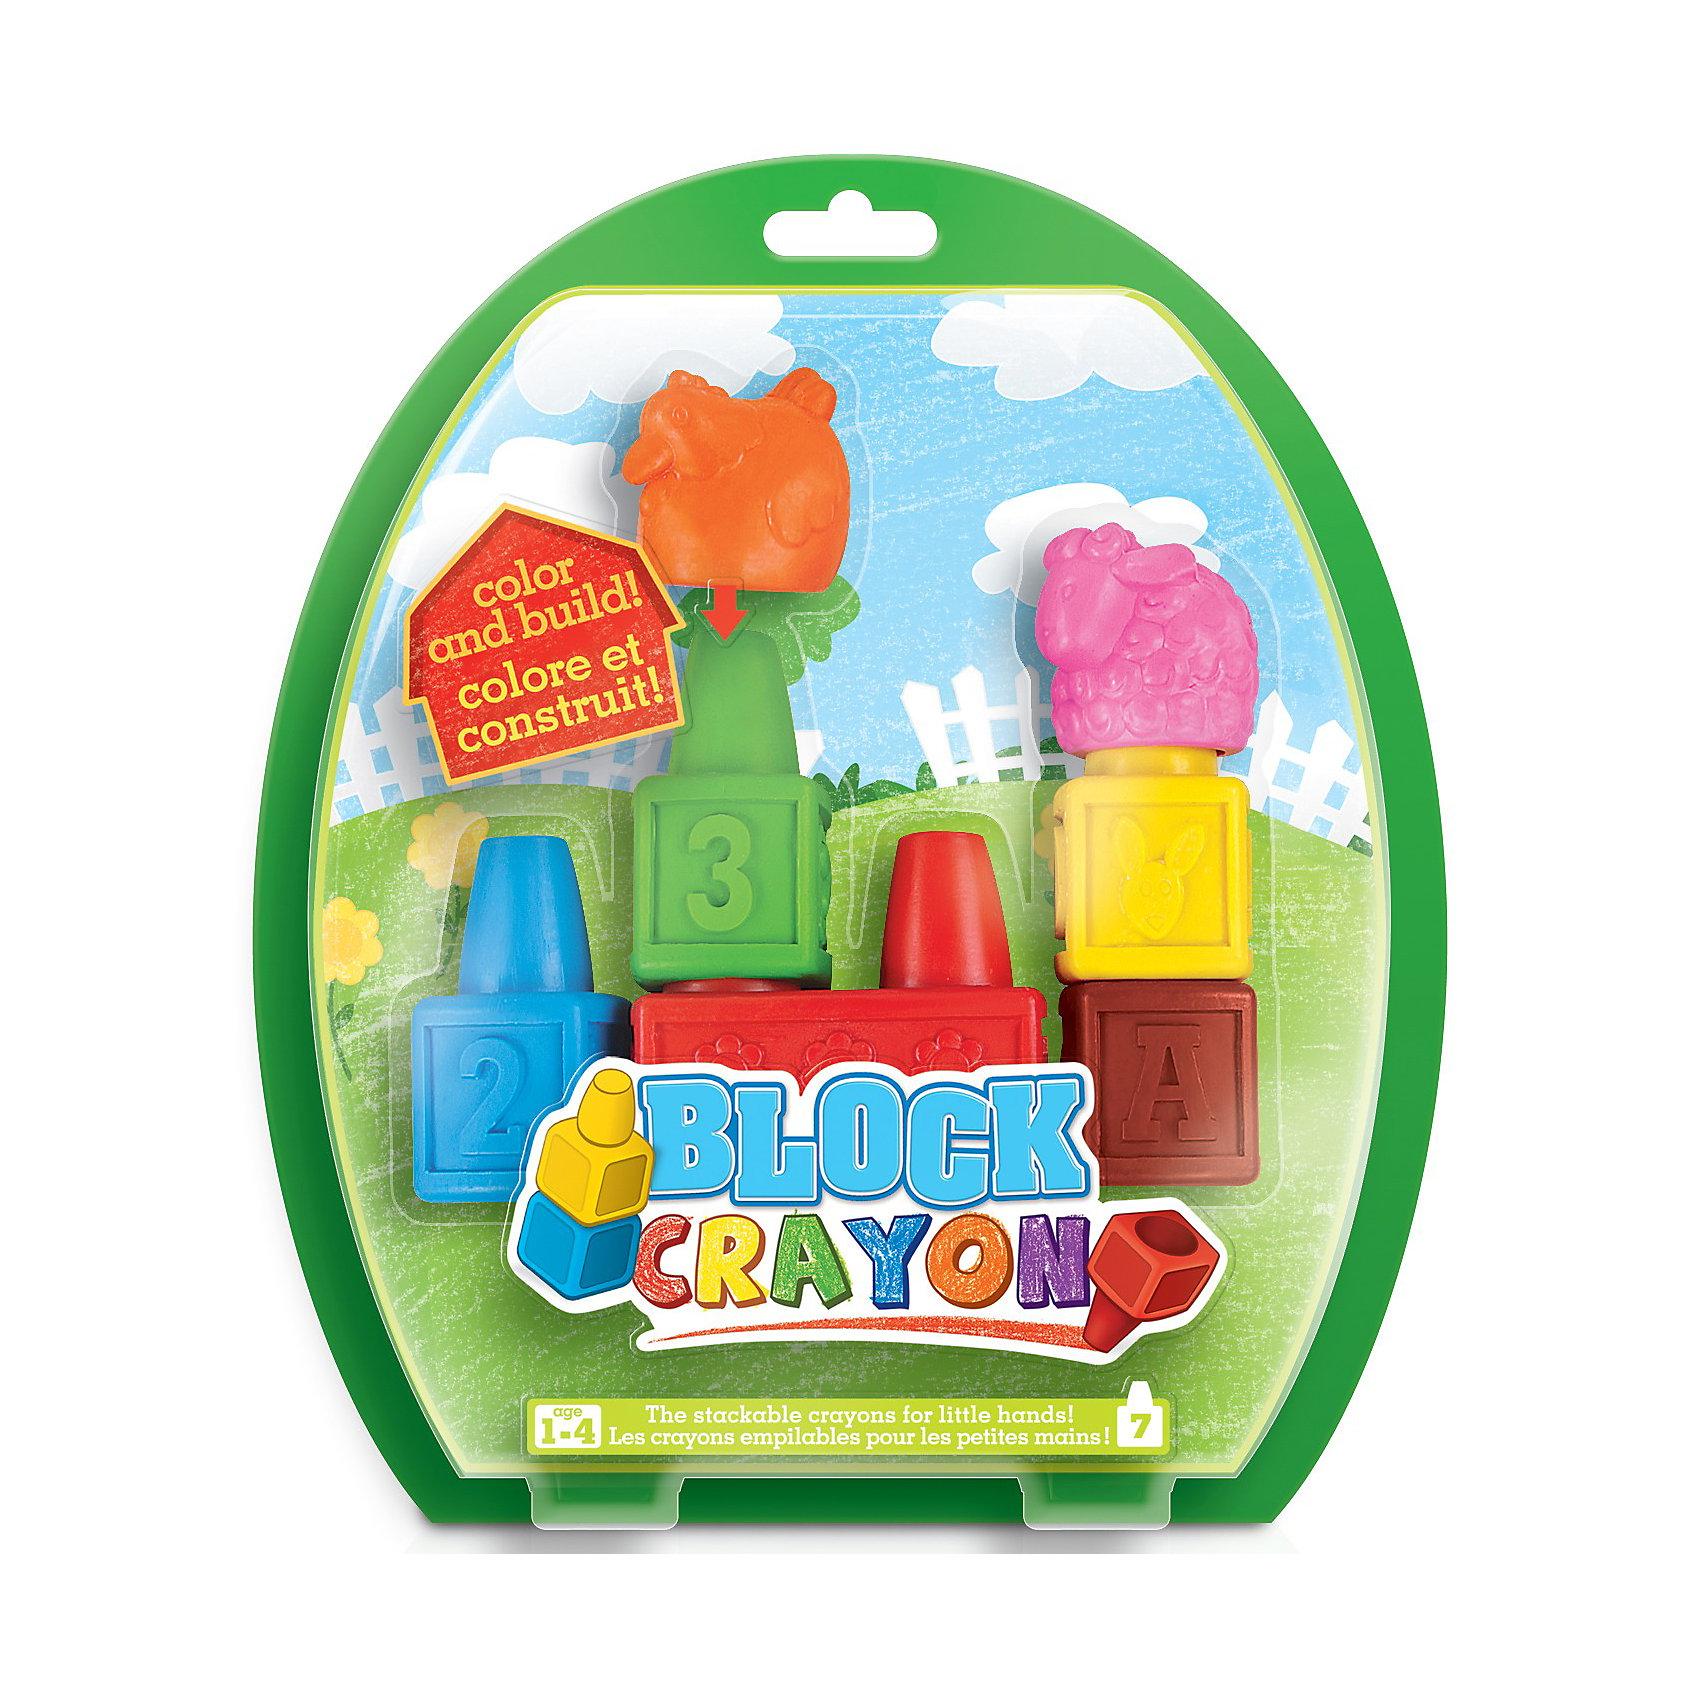 Восковые мелки Ферма, 7 деталей, WookyНабор восковых фигурных мелков Block Crayon Ферма - это веселый и необычный набор, развивающий воображение, моторику и цветовое восприятие! Составные мелки для маленьких ручек!<br><br>В набор входит 7 скульптурных мелков.<br><br>Ширина мм: 180<br>Глубина мм: 200<br>Высота мм: 40<br>Вес г: 170<br>Возраст от месяцев: 18<br>Возраст до месяцев: 36<br>Пол: Унисекс<br>Возраст: Детский<br>SKU: 3360273